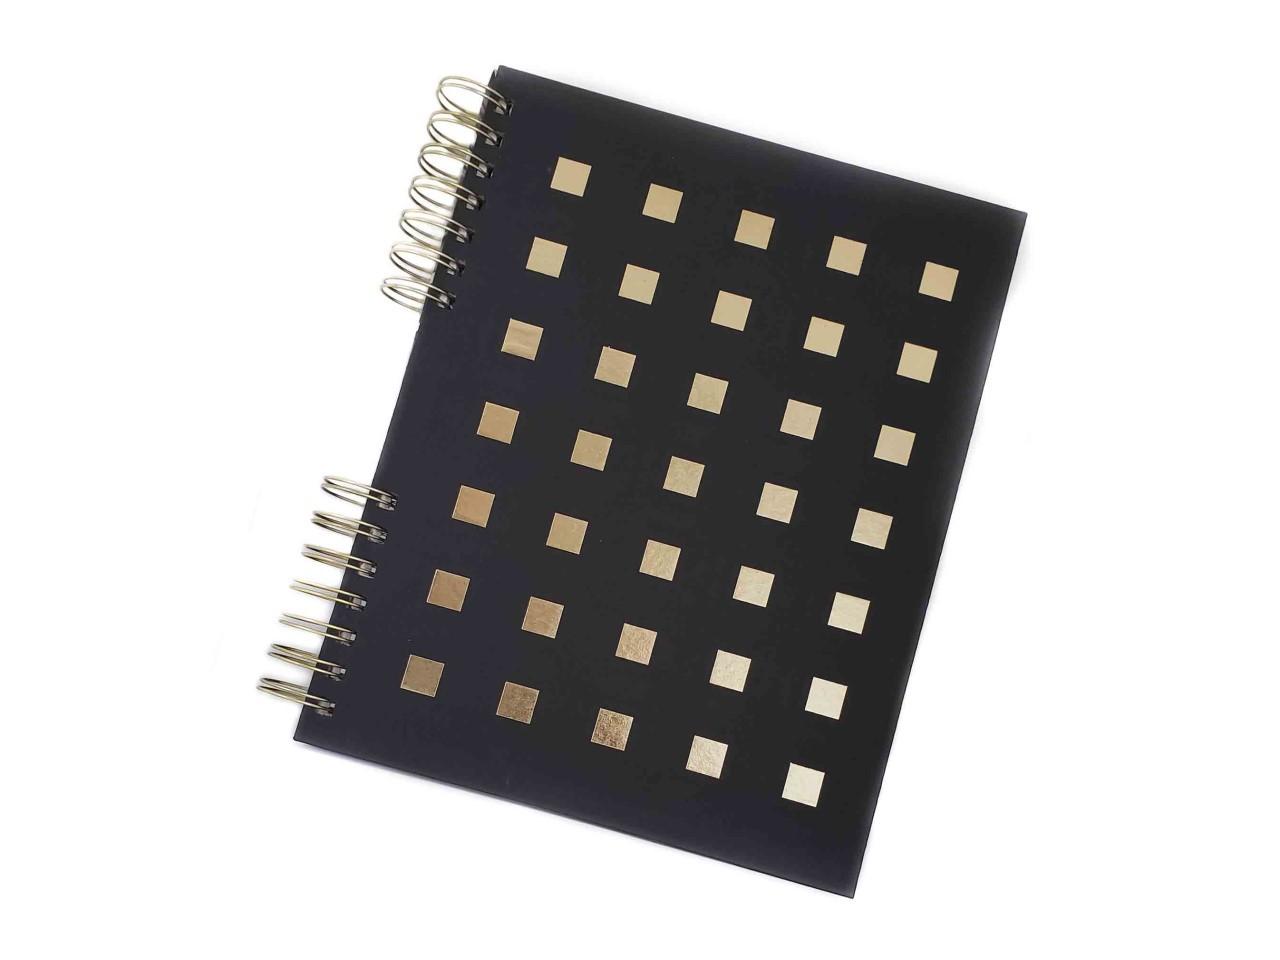 Caderno Preto e Dourado 120 Folhas Pautadas